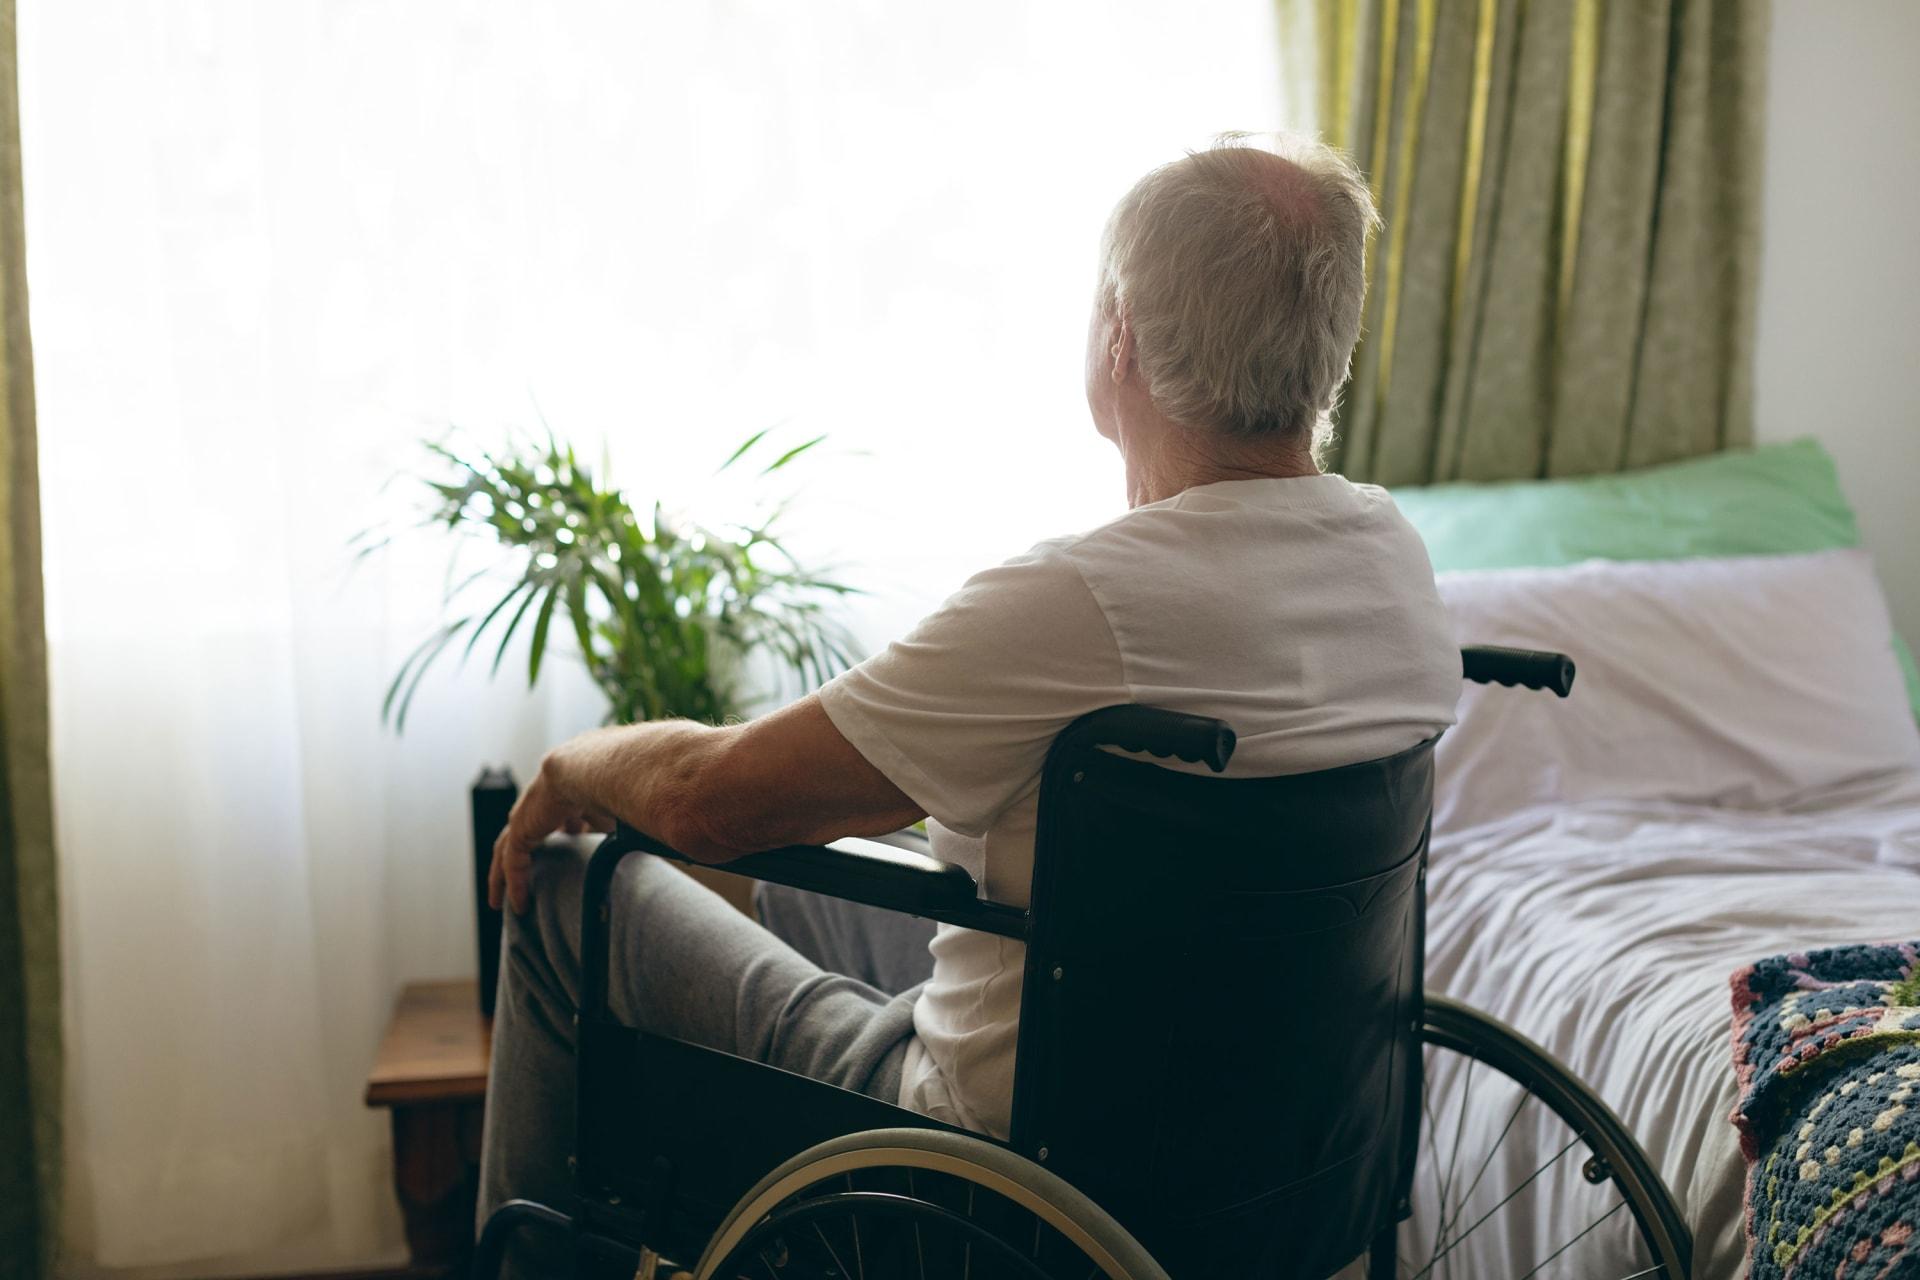 """مرضى فيروس كورونا الكبار يعانون من """"ضباب الدماغ"""" بفترة التعافي"""